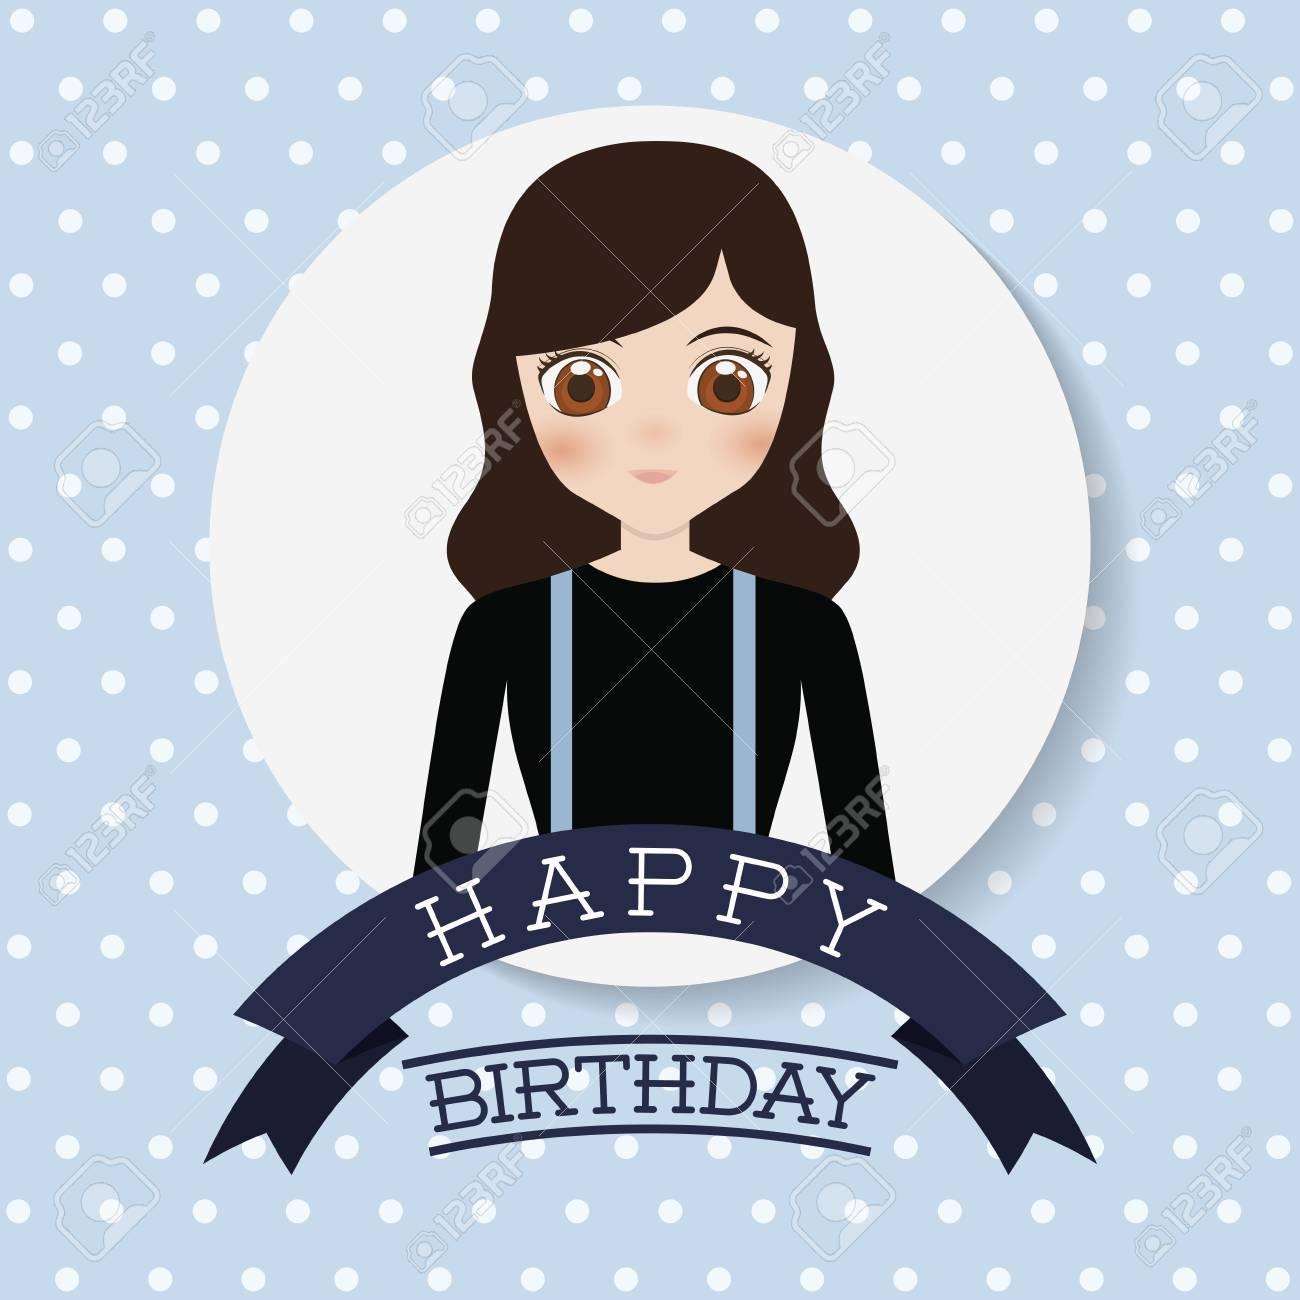 ccb62cd9e Foto de archivo - Tarjeta de feliz cumpleaños con el icono de chica anime.  diseño colorido. ilustración vectorial